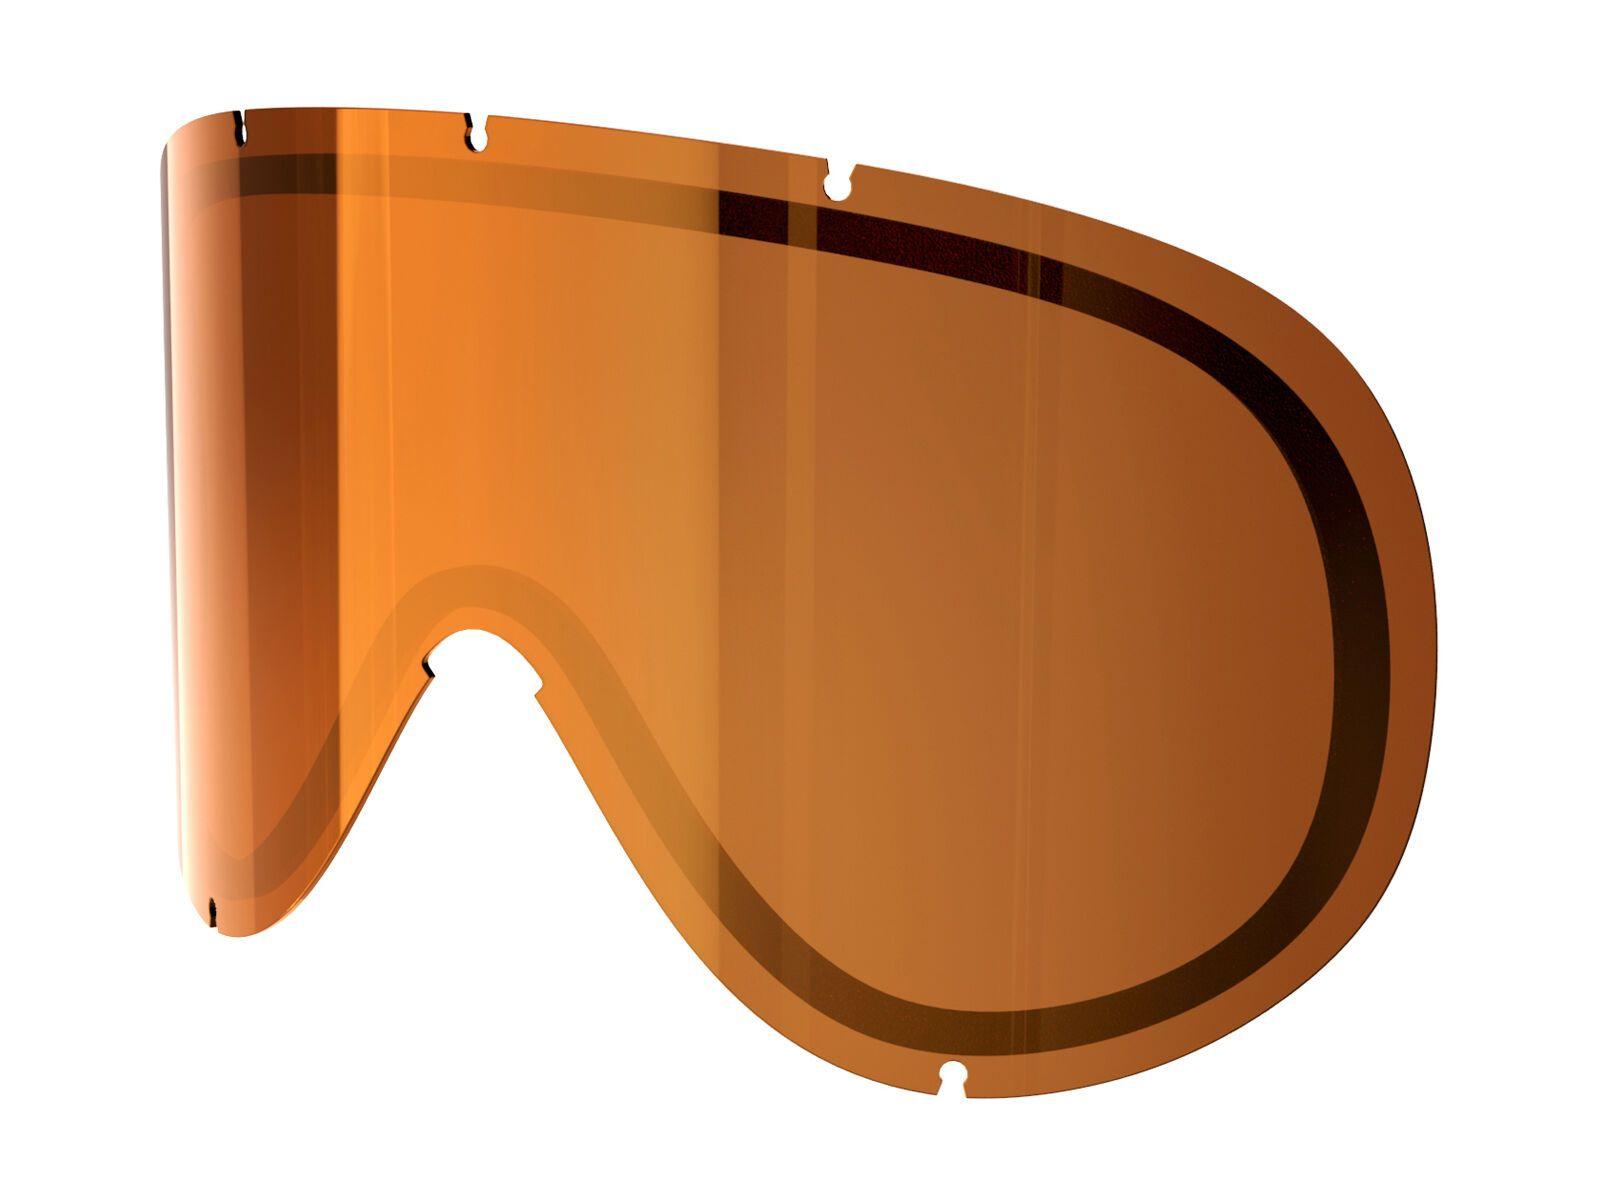 POC Retina Wechselscheibe, sonar orange - Wechselscheibe PC413359310ONE1